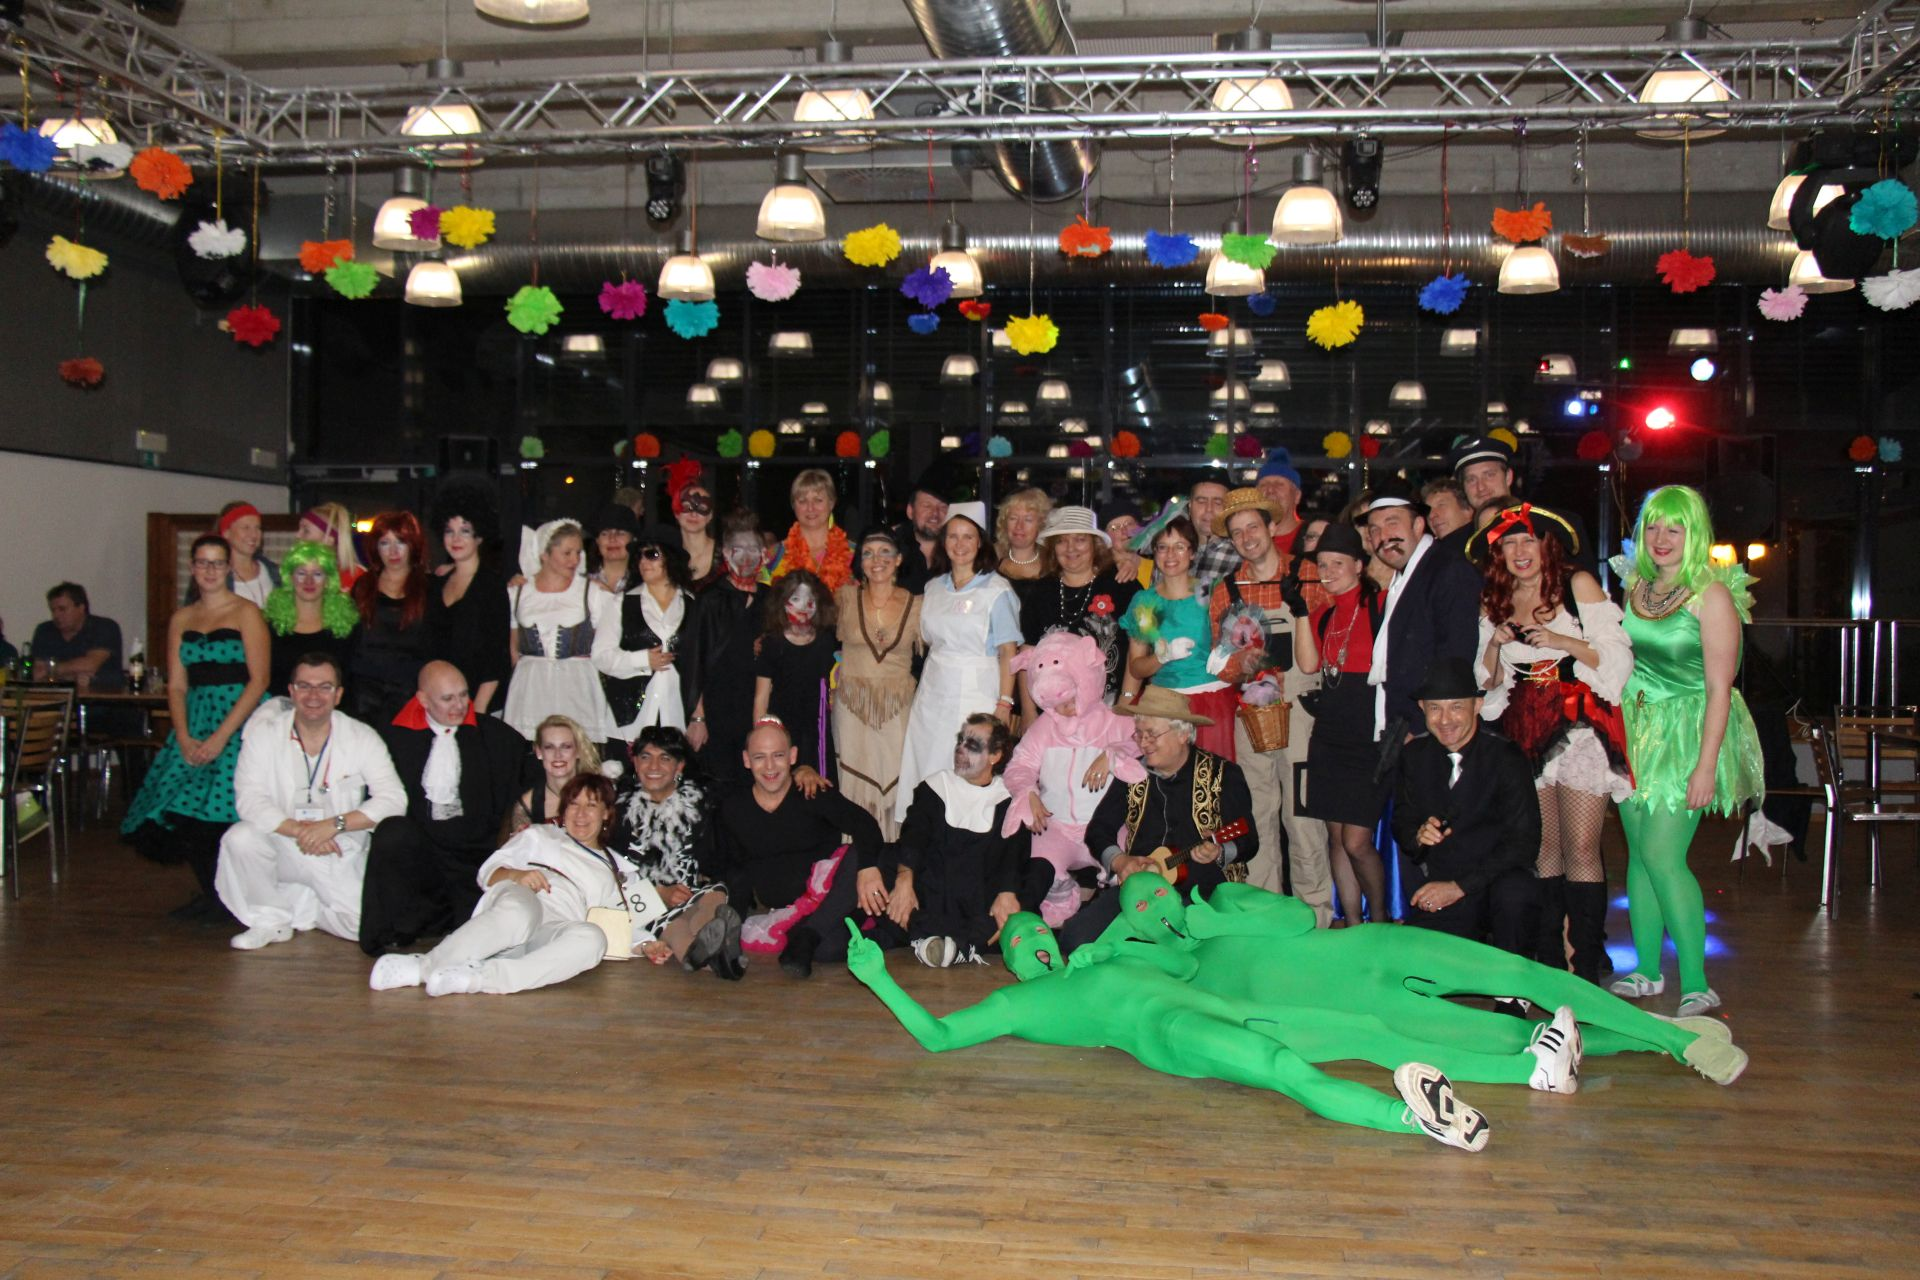 3. Taneční zábava v maskách i bez, sobota 19.11.2016